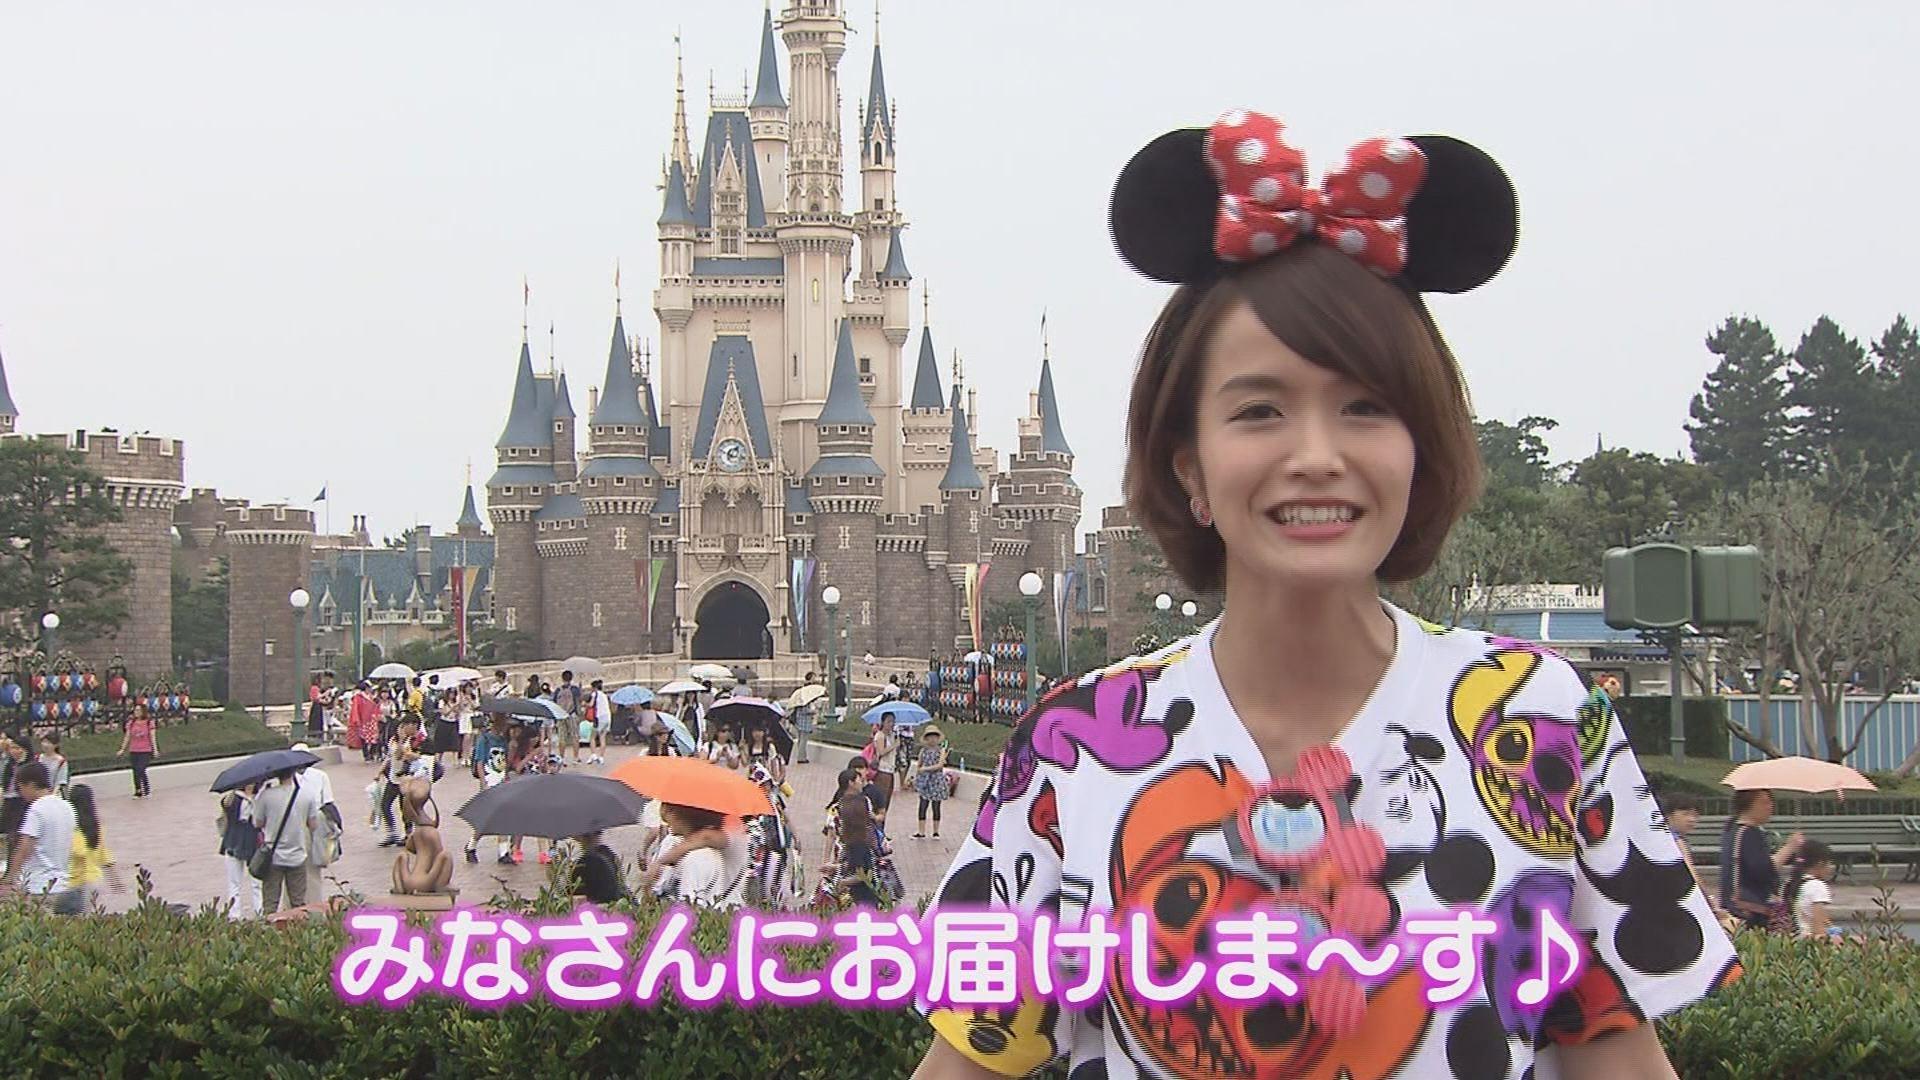 7月25日の沖縄bon!!:ミニコーナー「夏休み!!東京ディズニーリゾートの